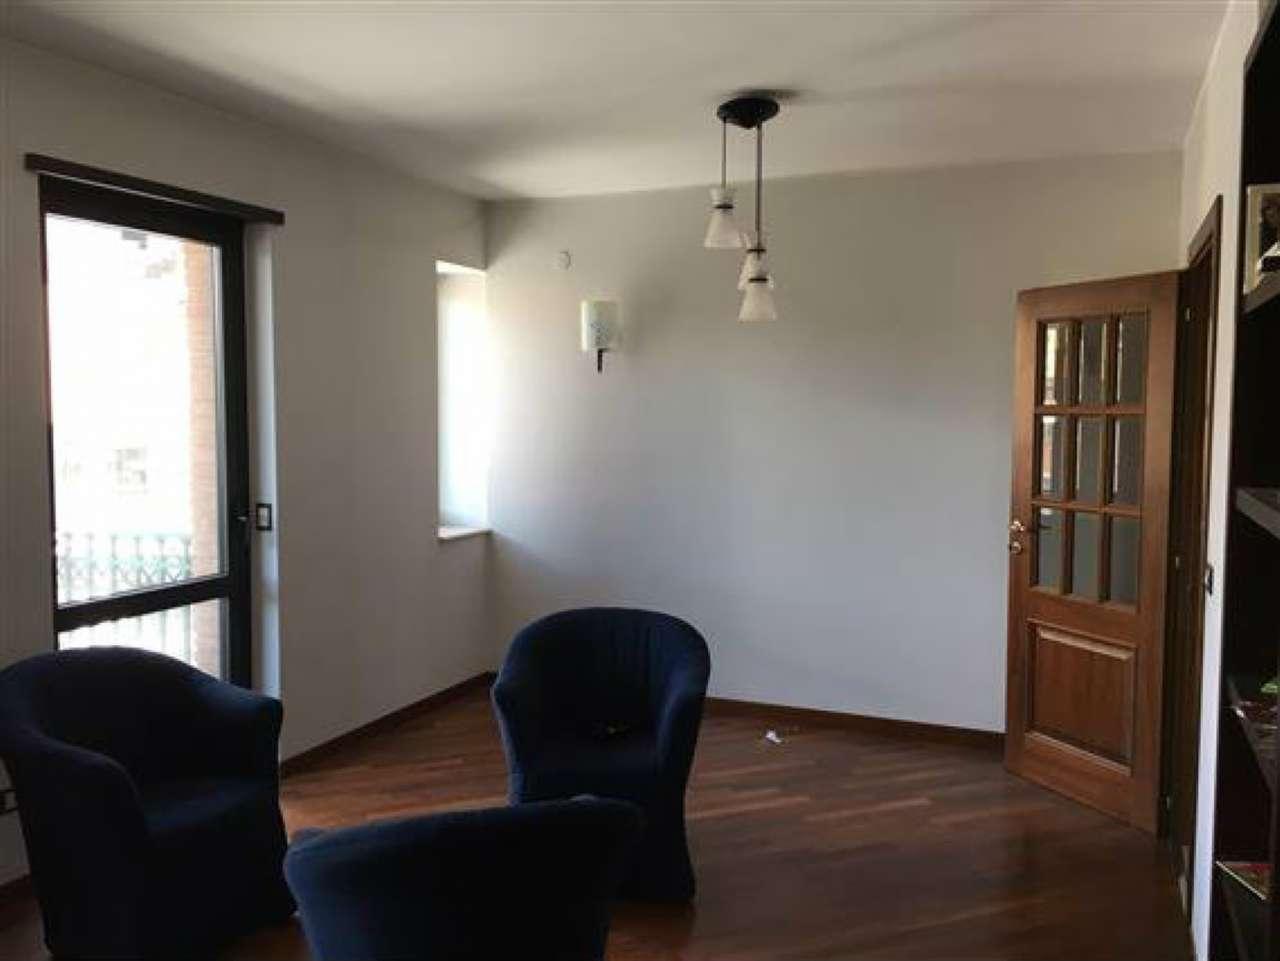 Appartamento in affitto a Campobasso, 5 locali, zona Località: ViaPiave, Trattative riservate | CambioCasa.it